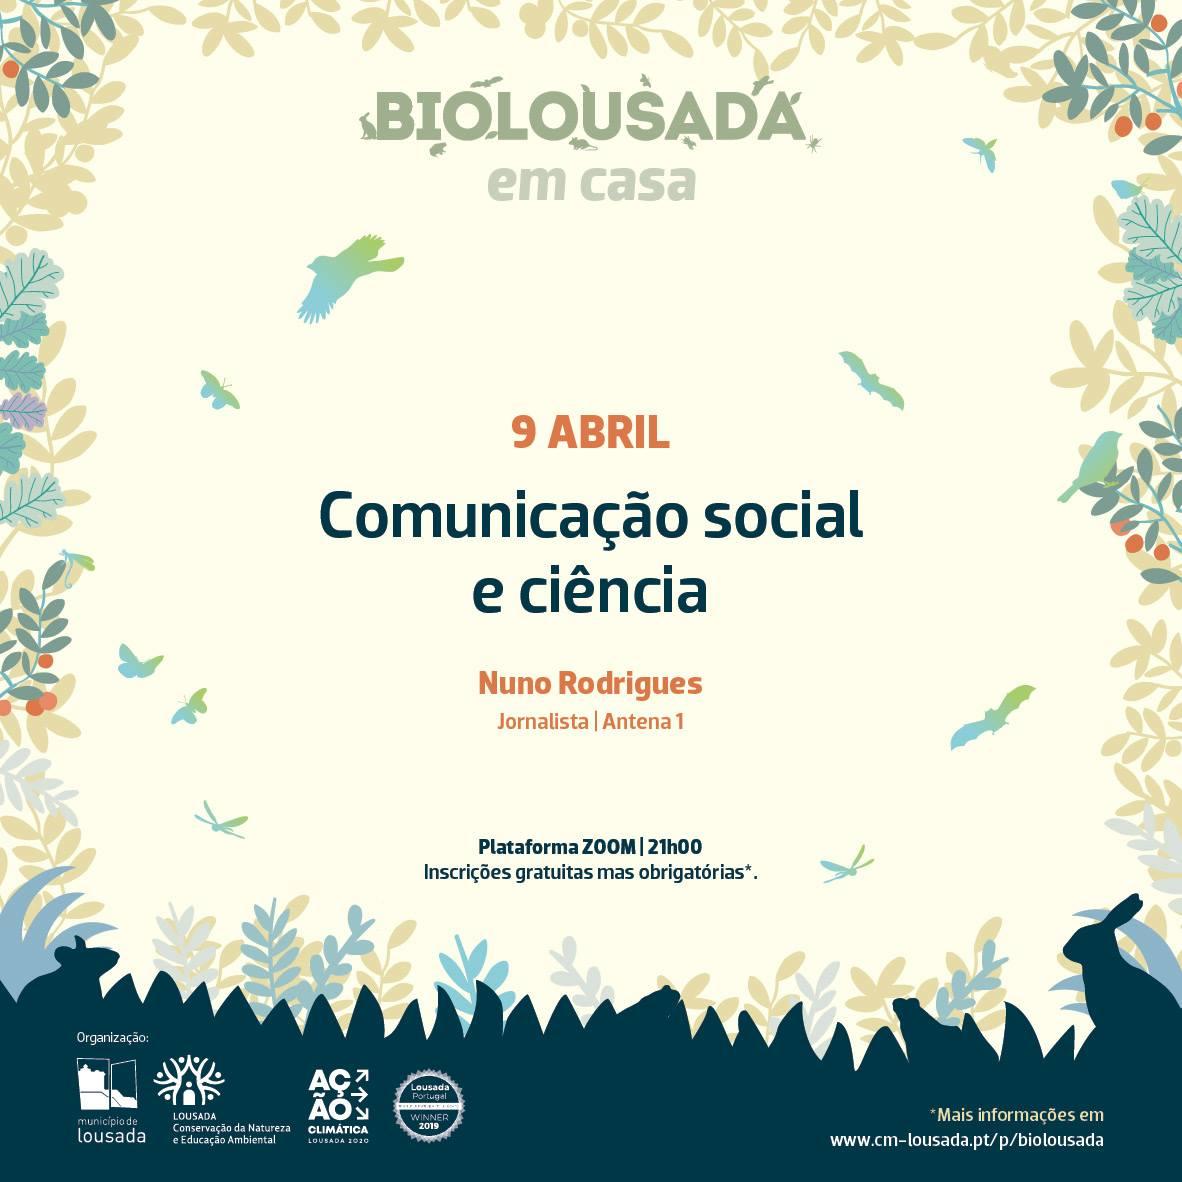 BioLousada em Casa - Comunicação social e ciência